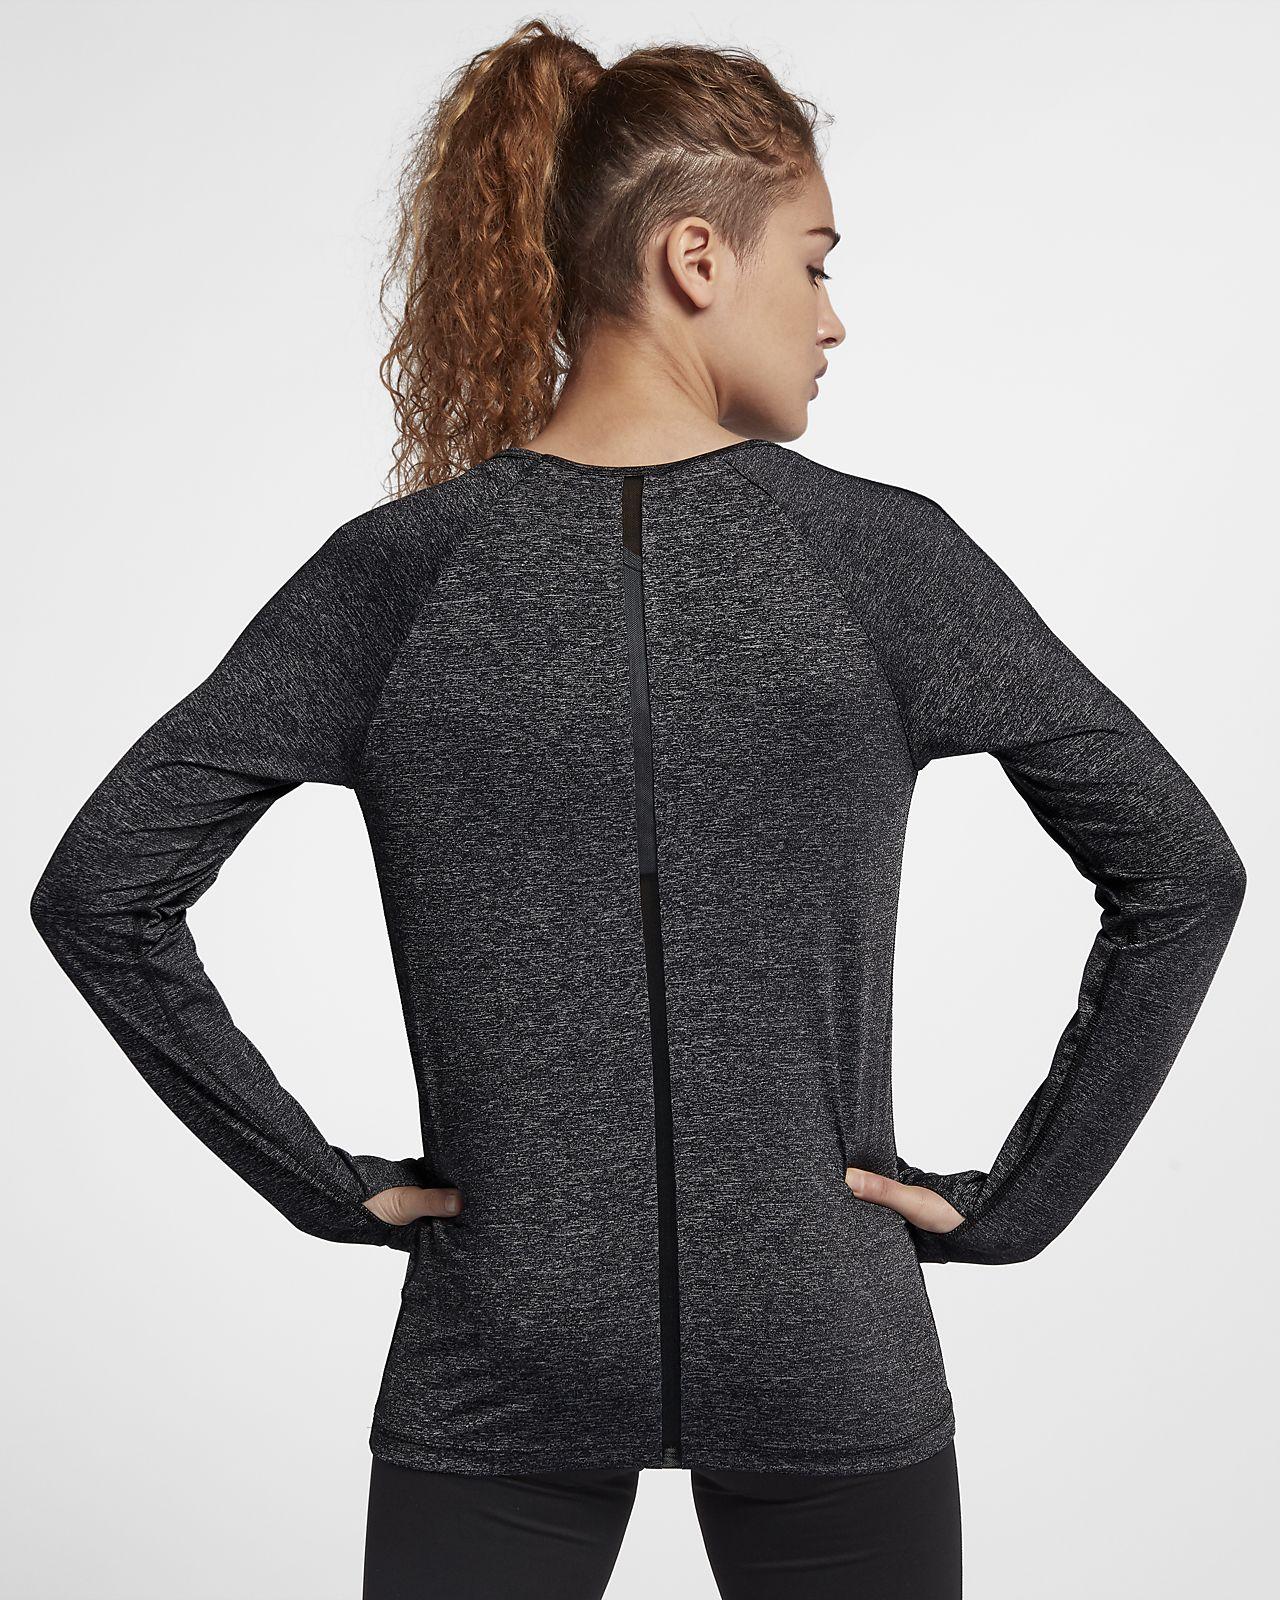 ... Nike Pro HyperCool Women's Long Sleeve Training Top